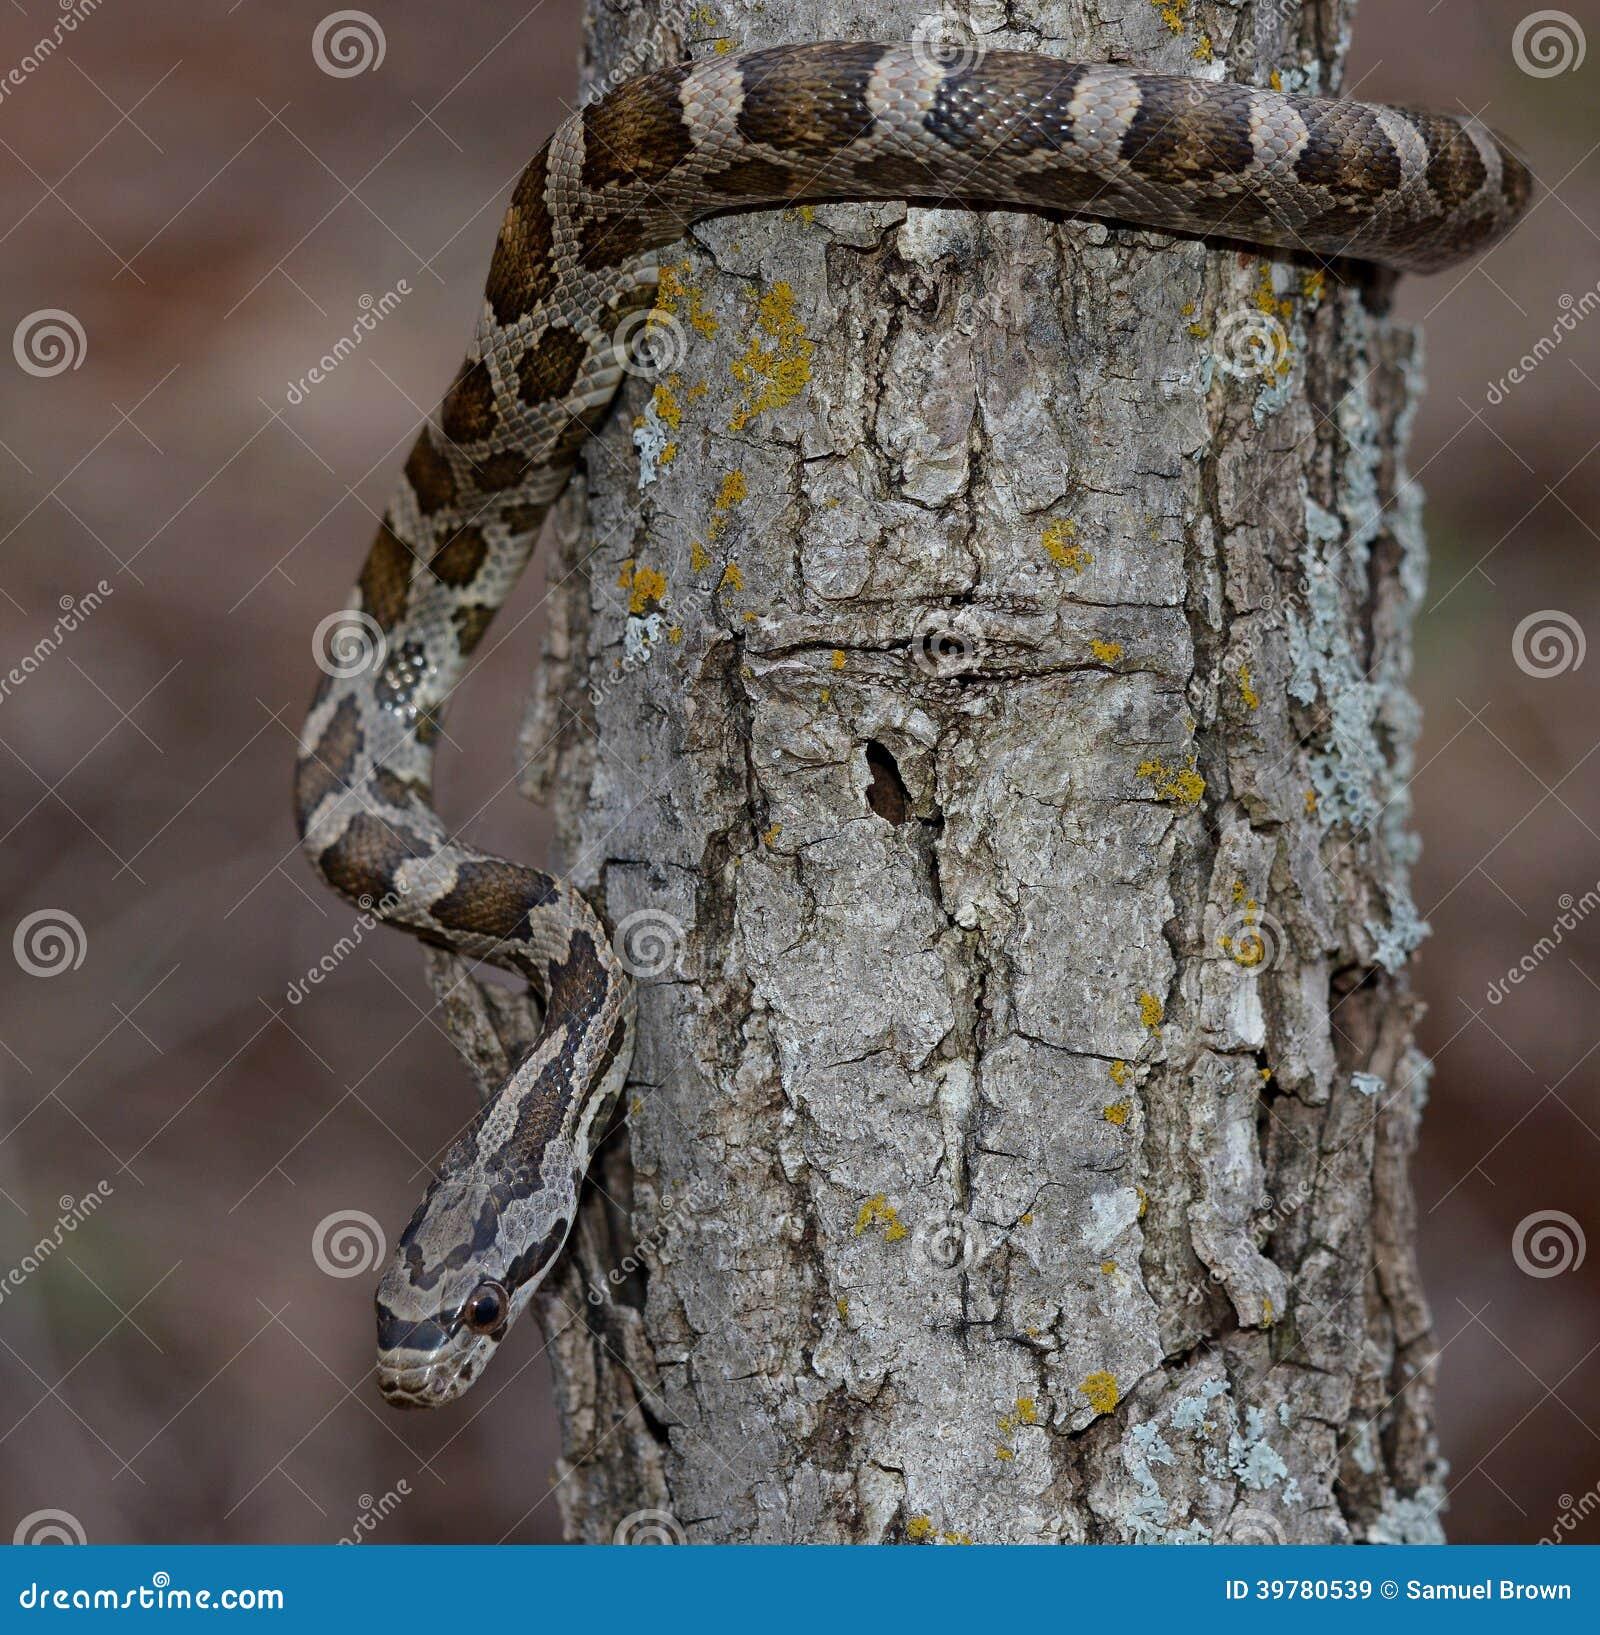 Serpente de rato preto juvenil na árvore